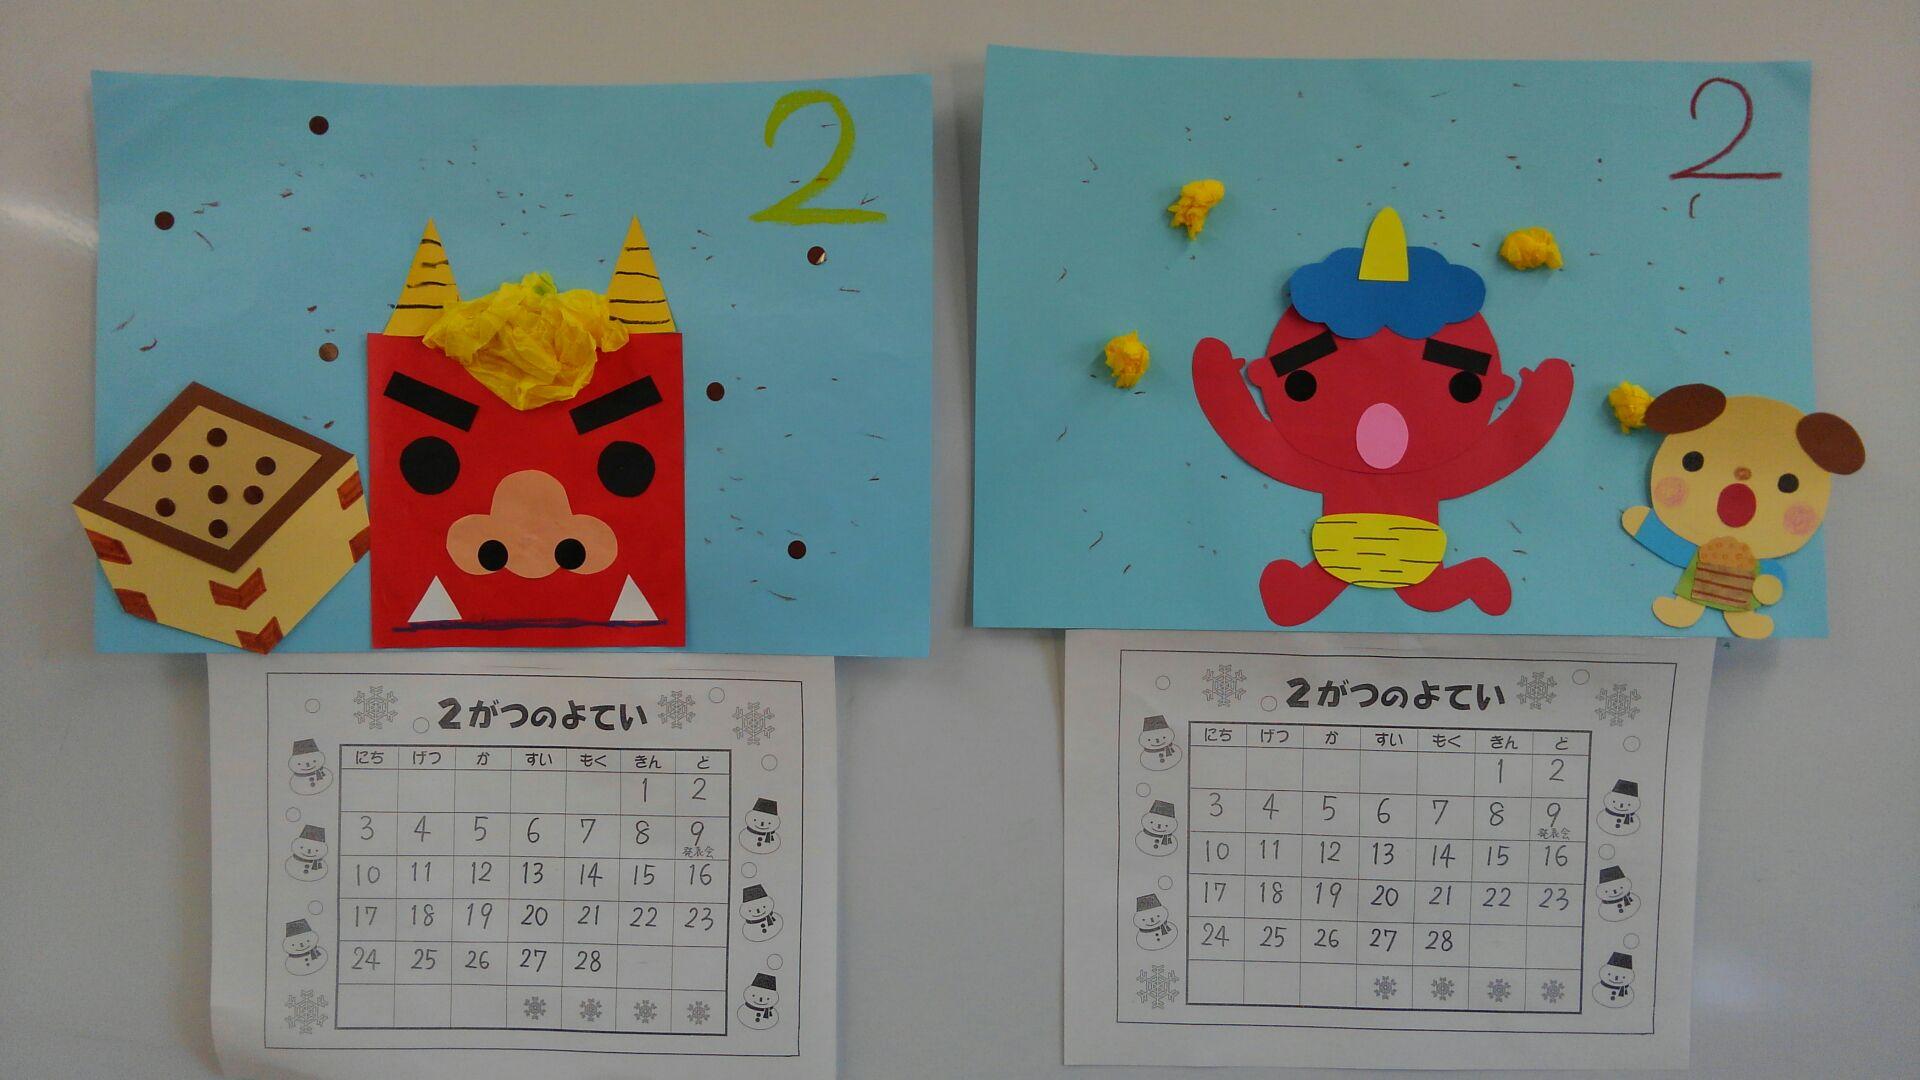 2月カレンダーの写真。プログラム内「造形」のコーナーで作りました。ここでも鬼さんと豆まきのイラストが用いられています。